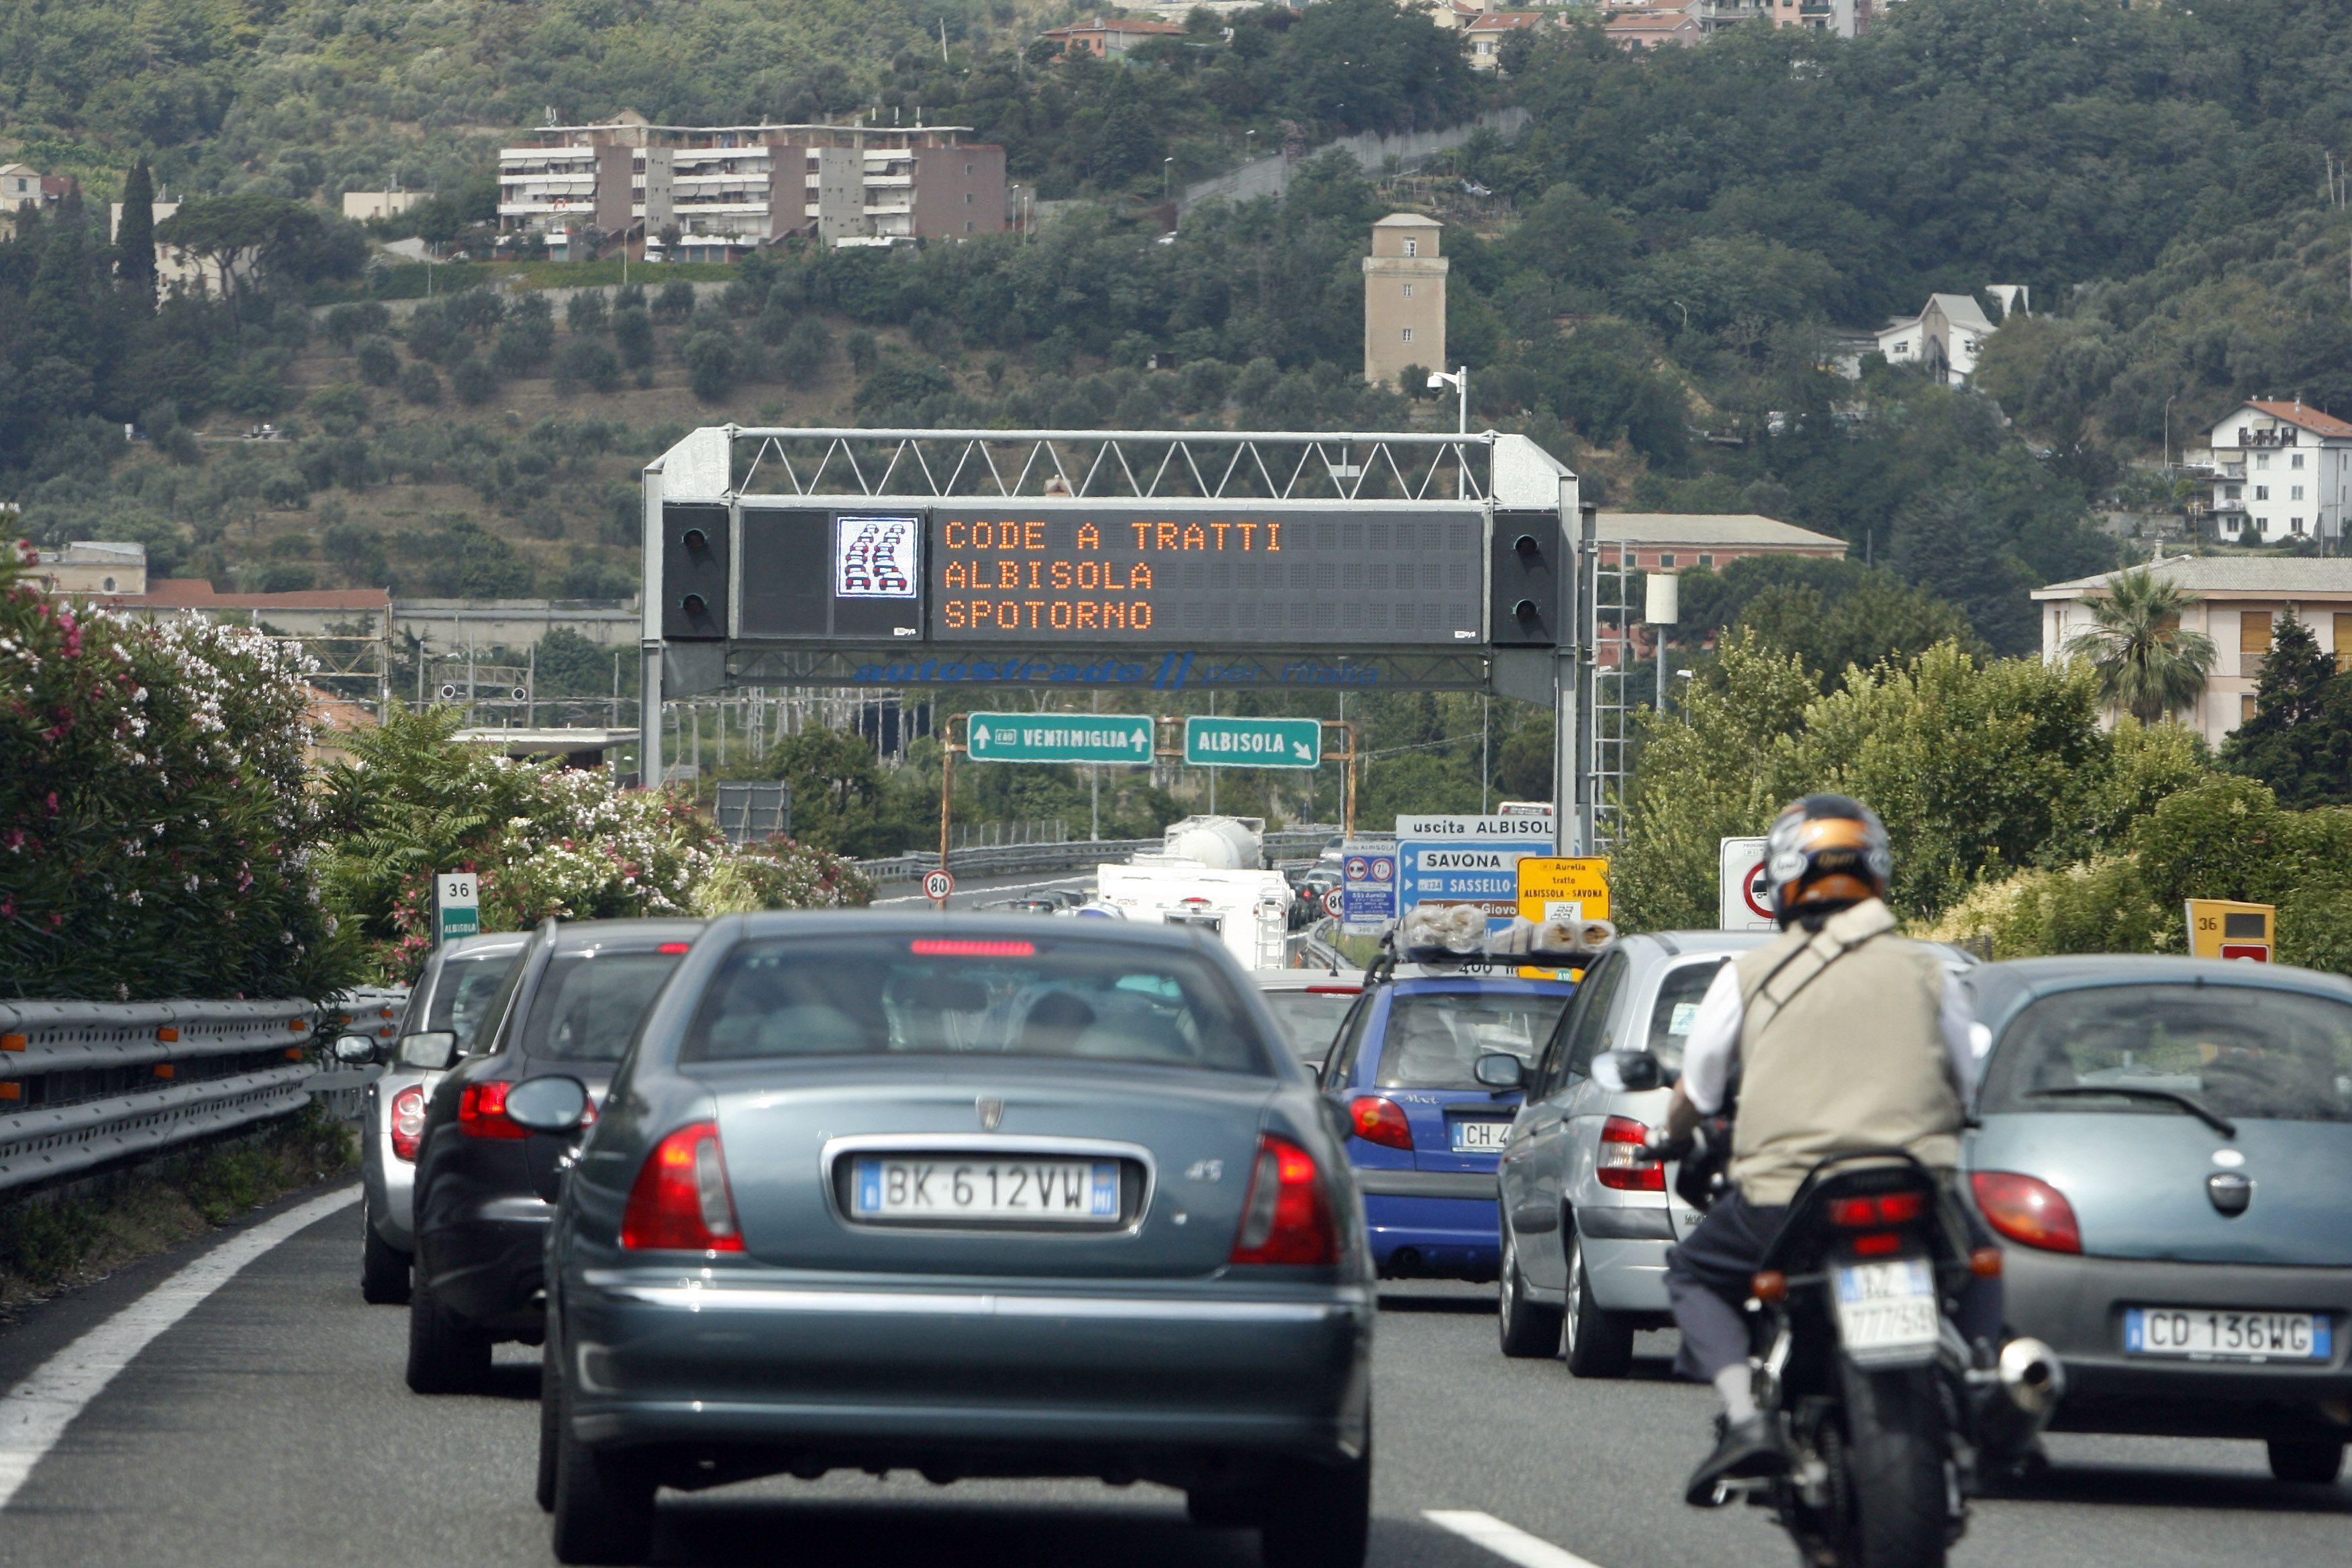 Autostrada A10 Genova-Savona, chiuso casello di Albisola